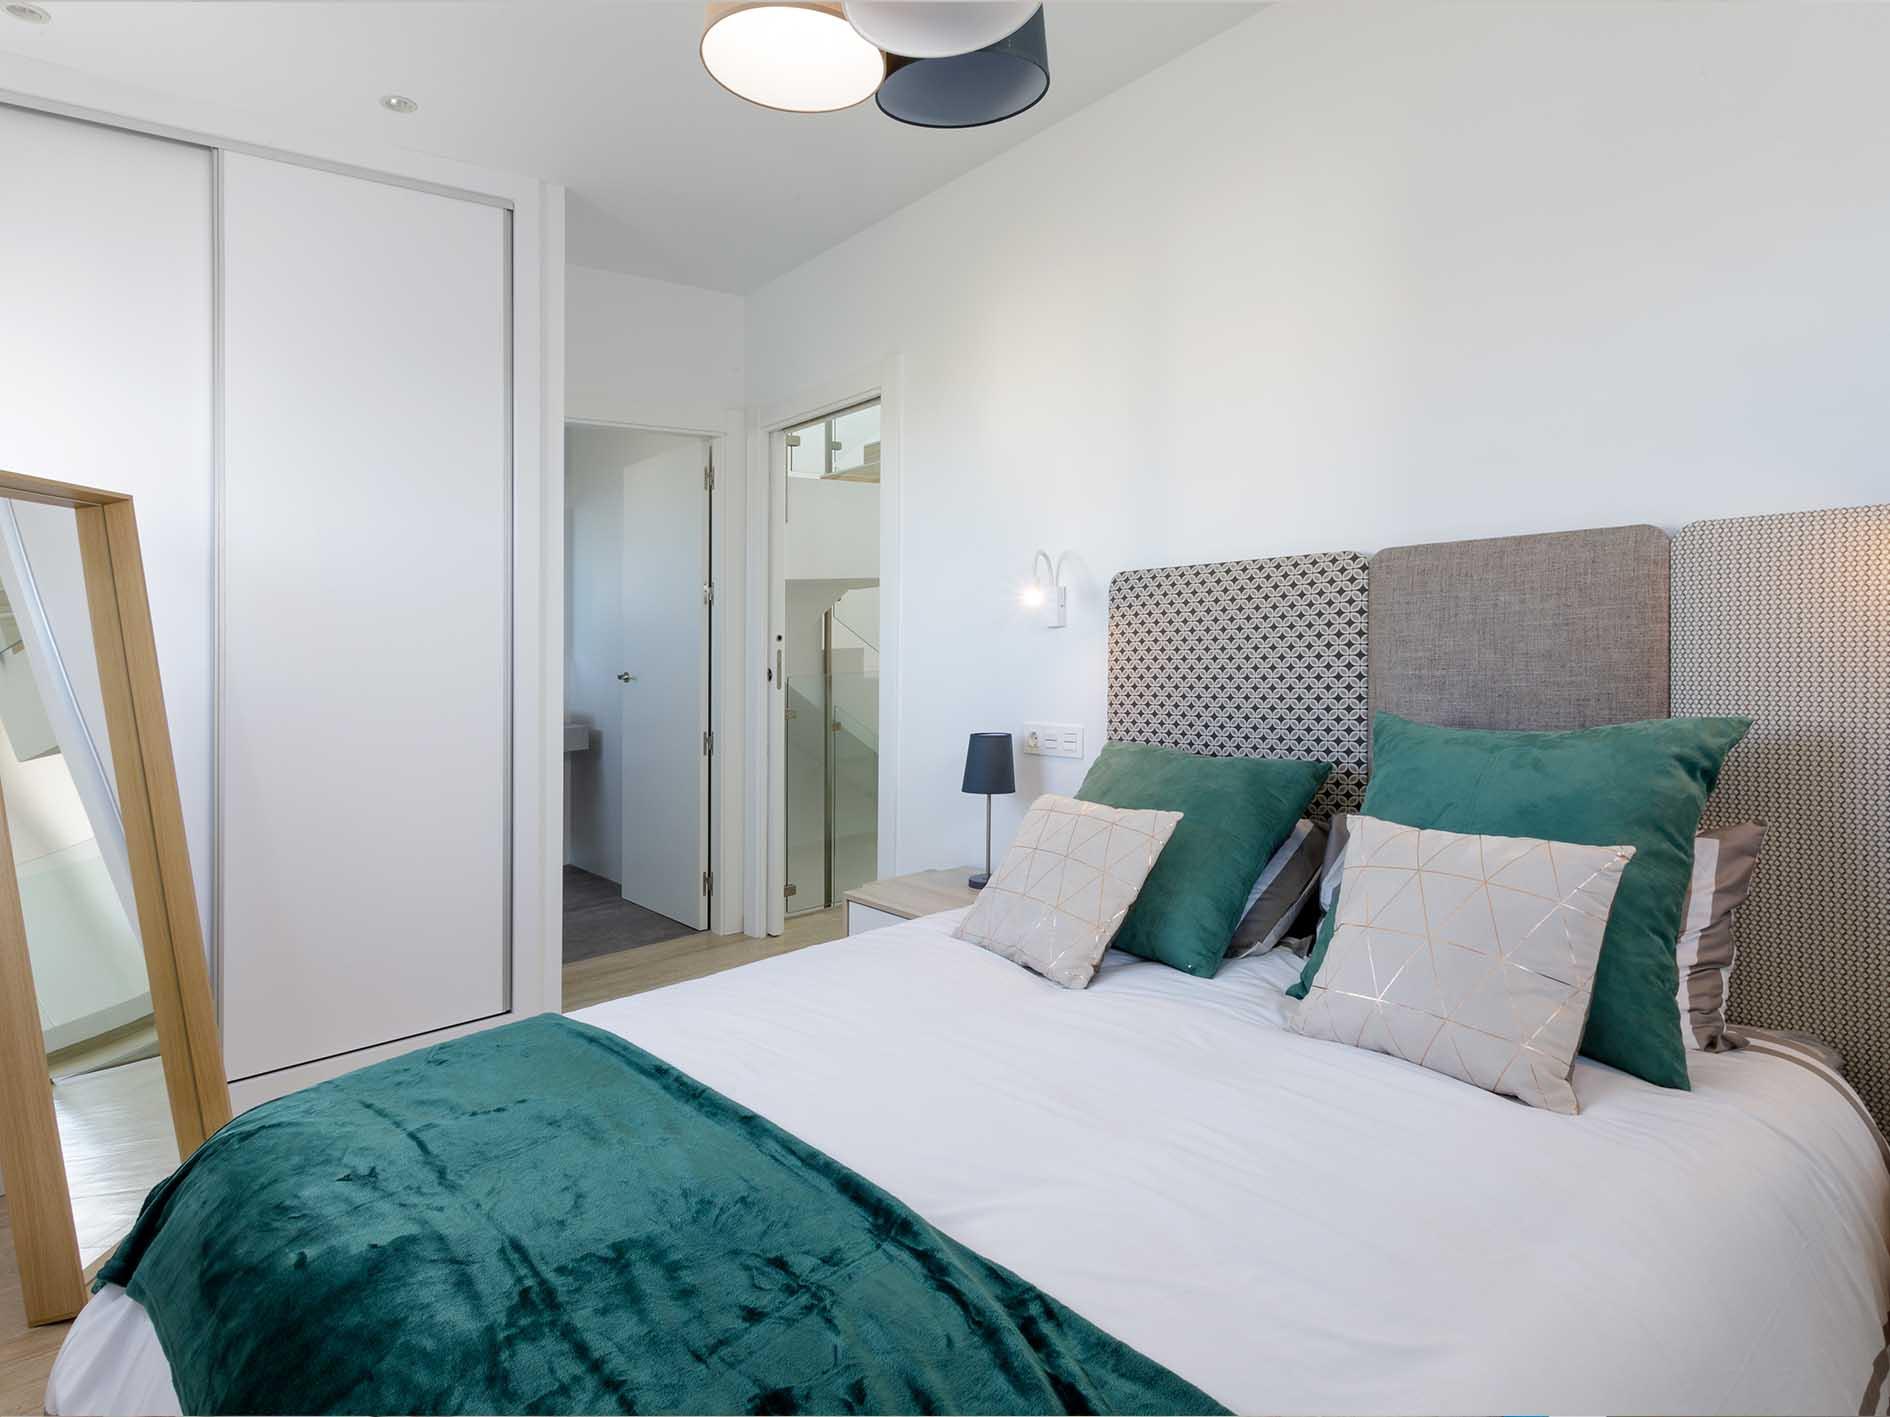 immobilier neuf espagne costa blanca on-d9 el farallon chambre 3